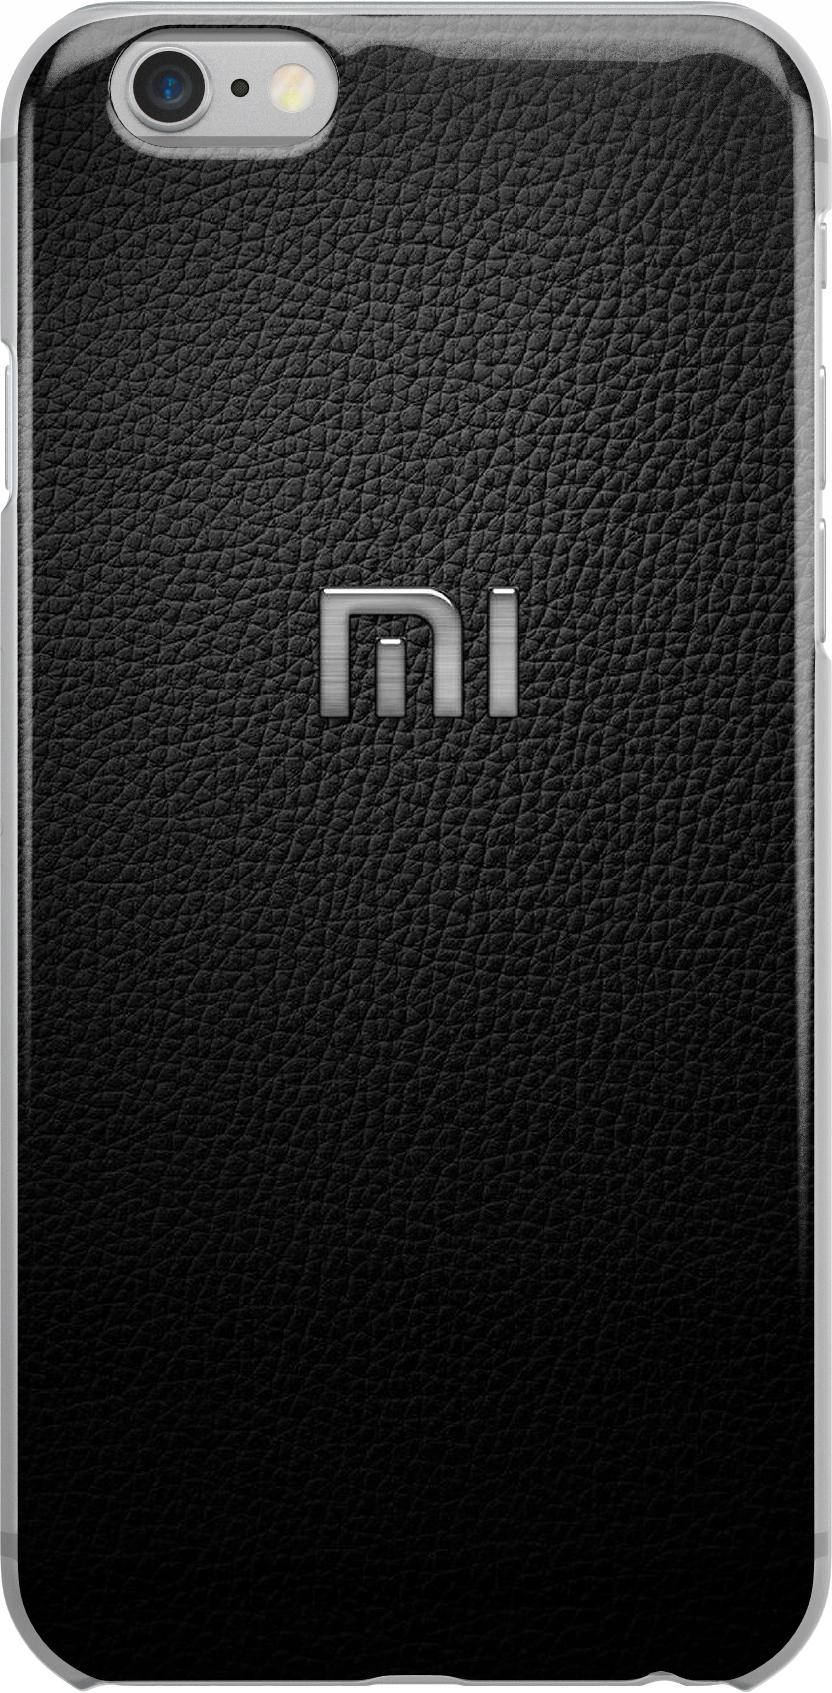 Etui Wzory Xiaomi Xiaomi Mi A1